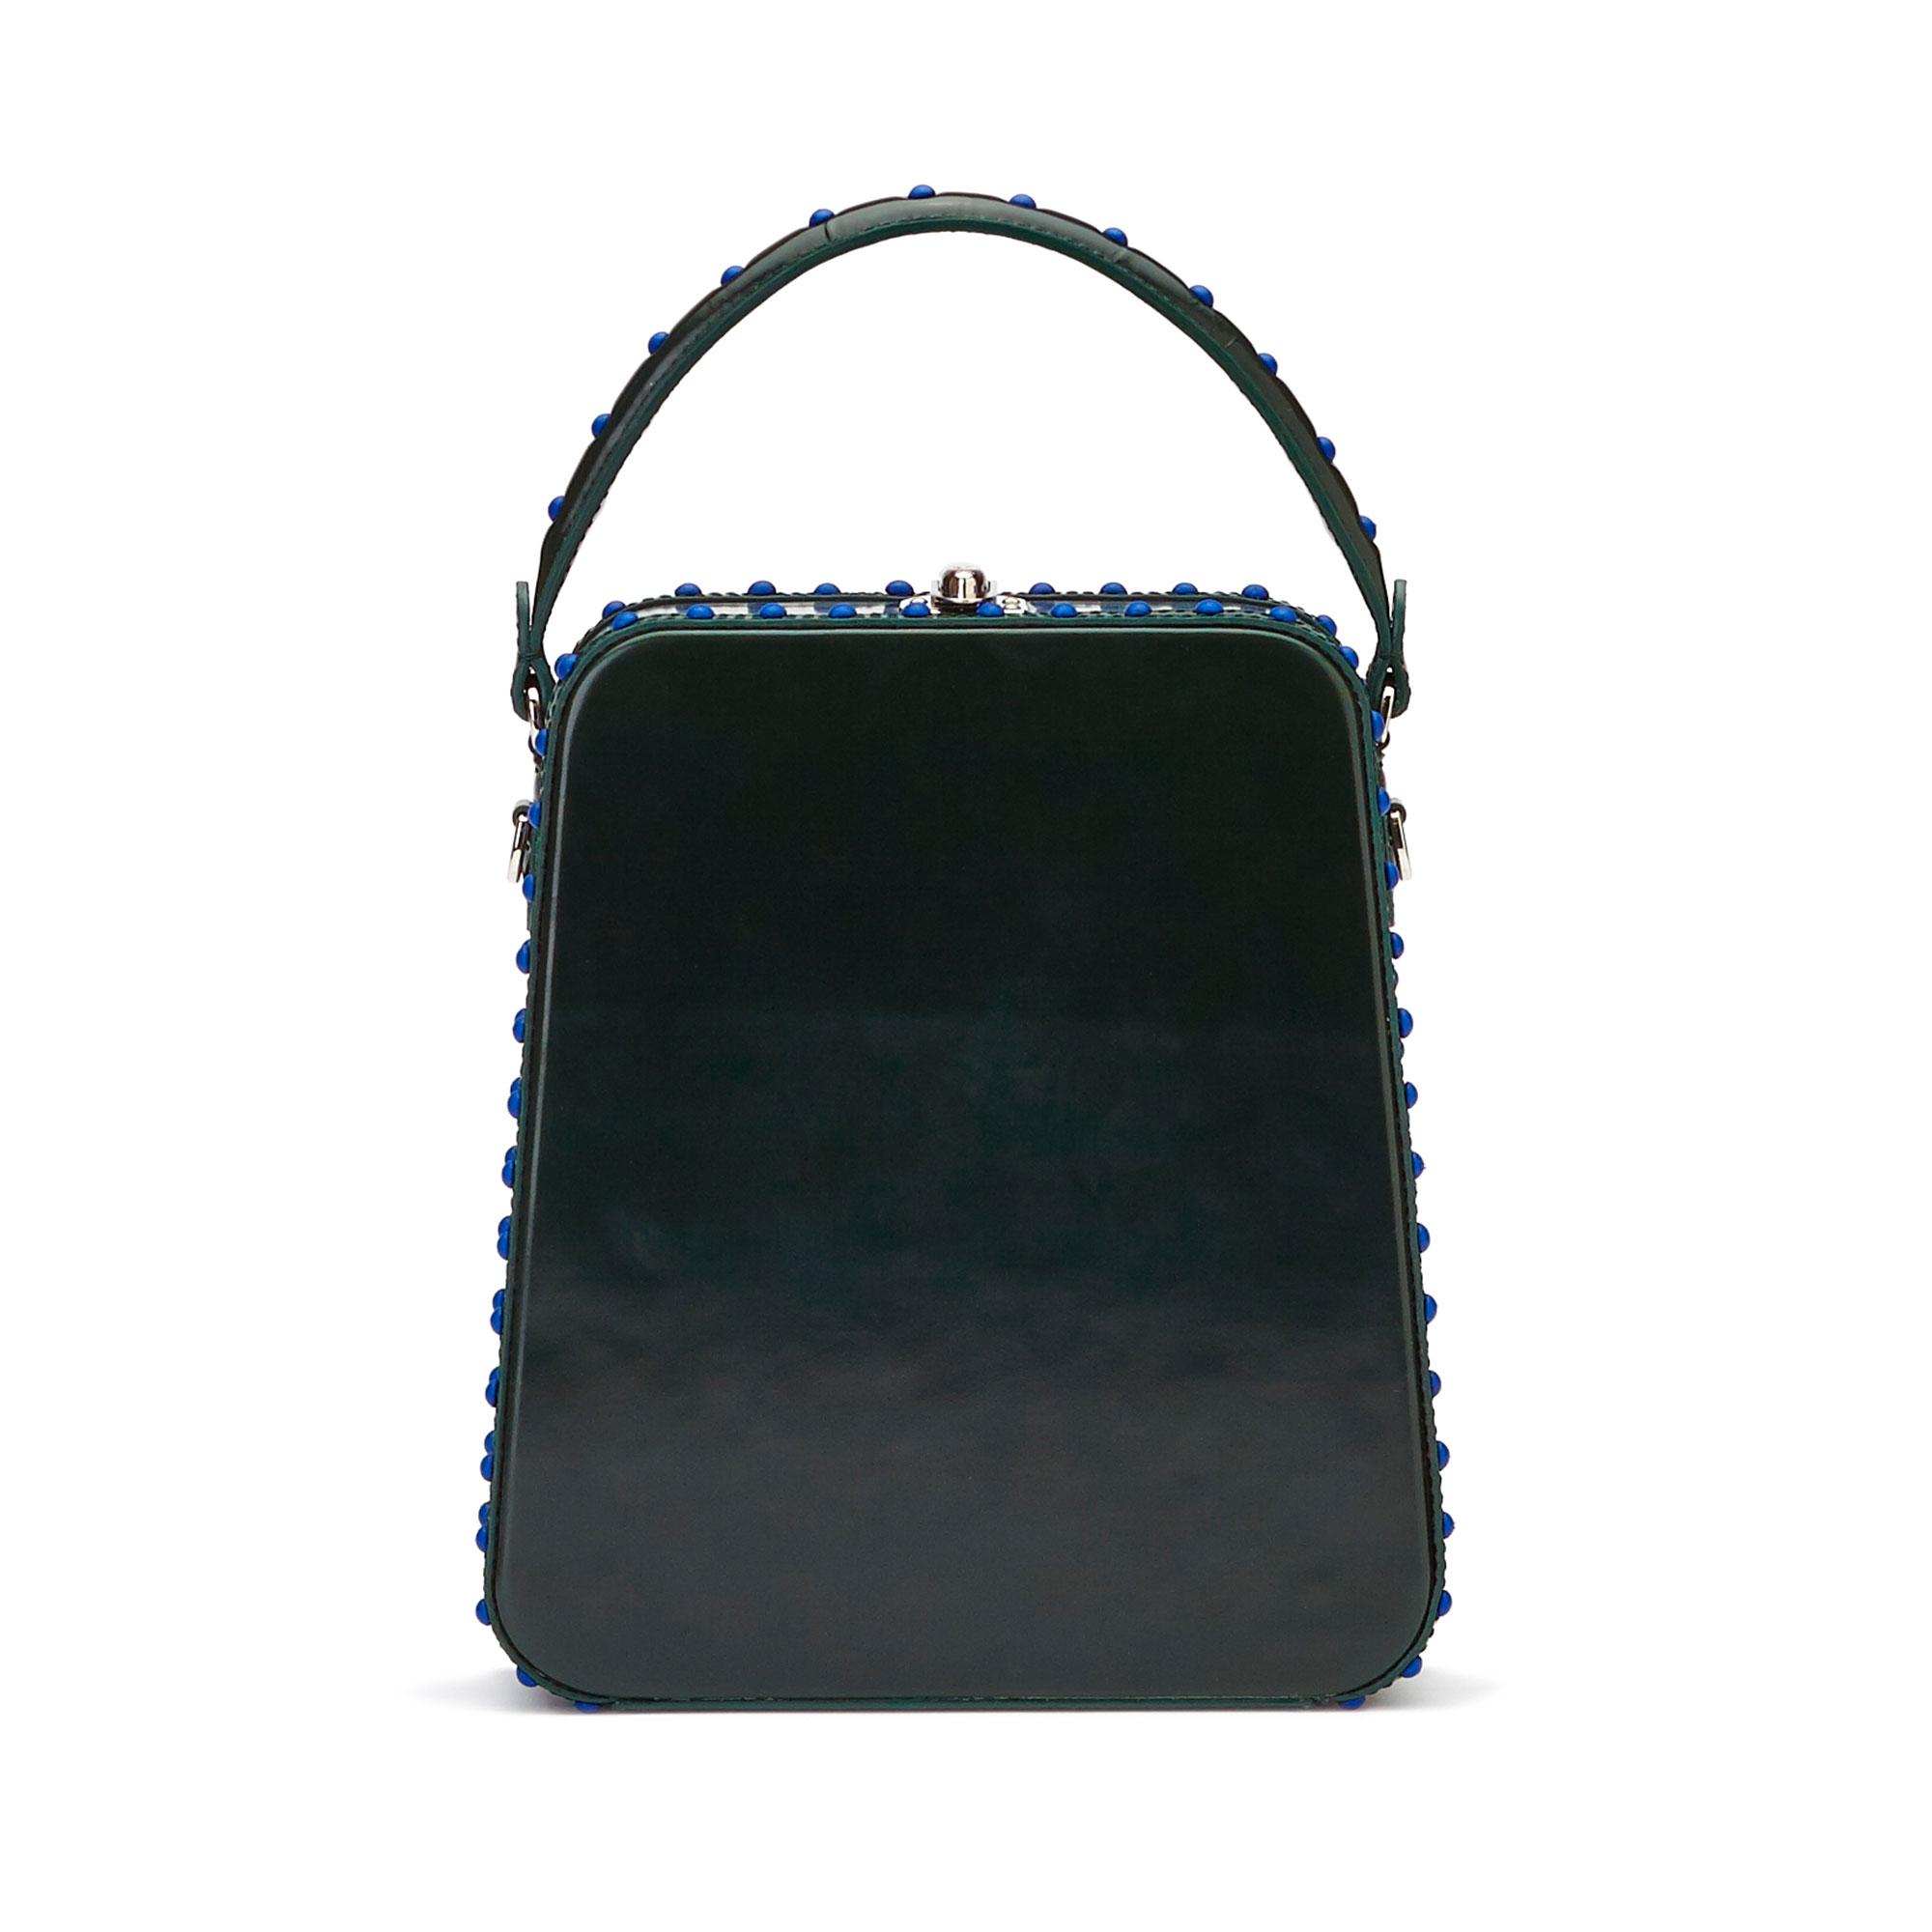 The green brushed calf Tall Bertoncina bag by Bertoni 1949 01